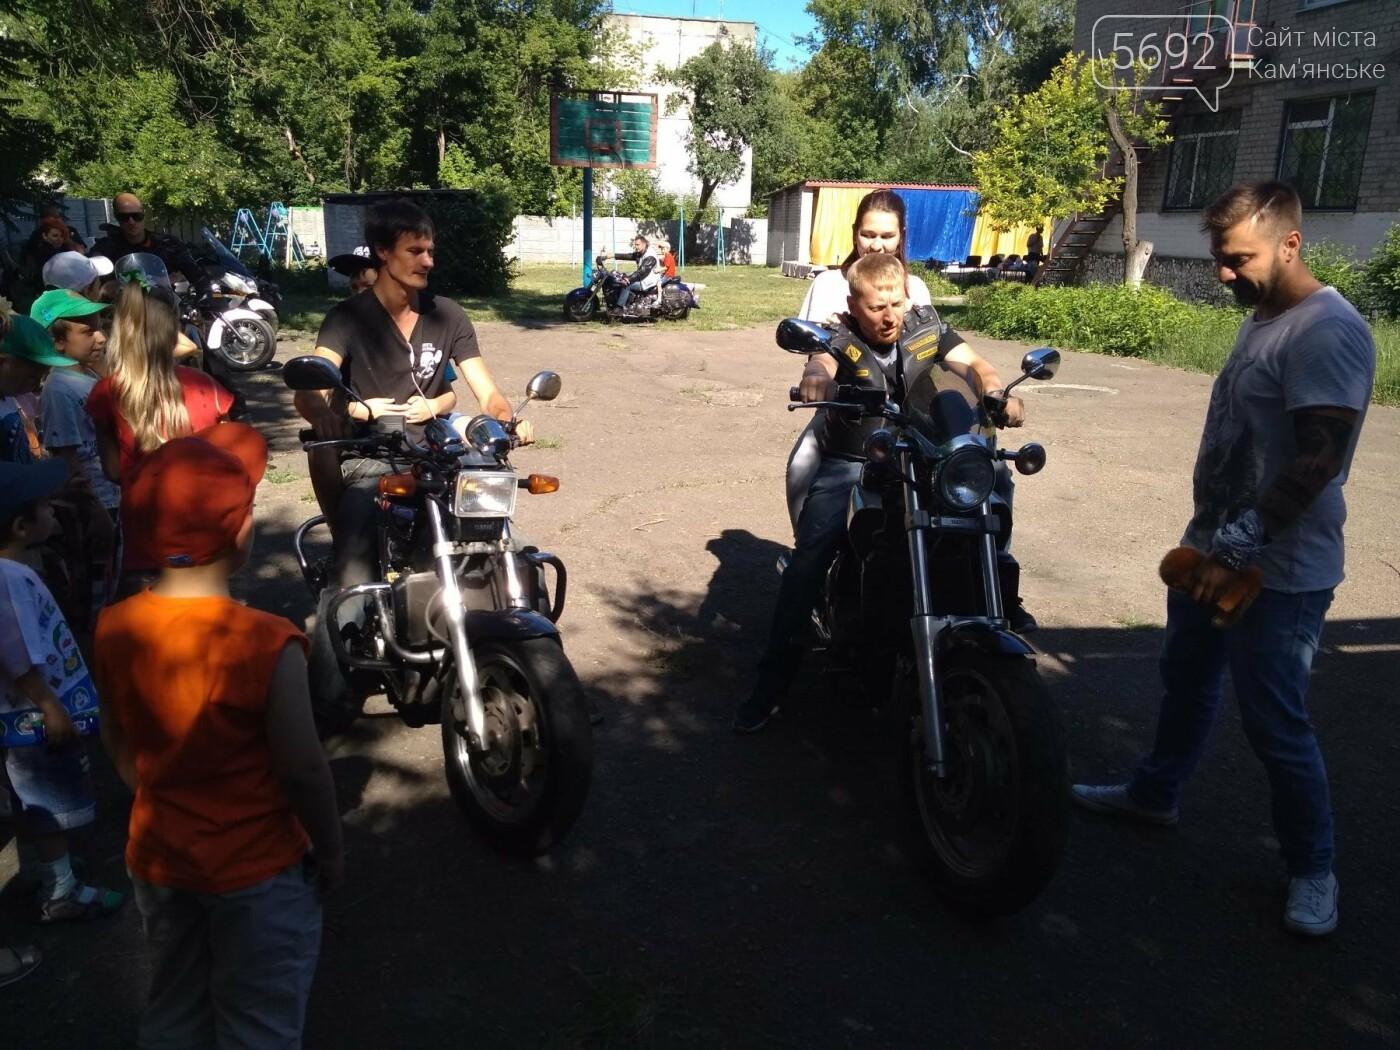 Байкеры Каменского прокатили на мотоциклах детей-сирот, фото-13